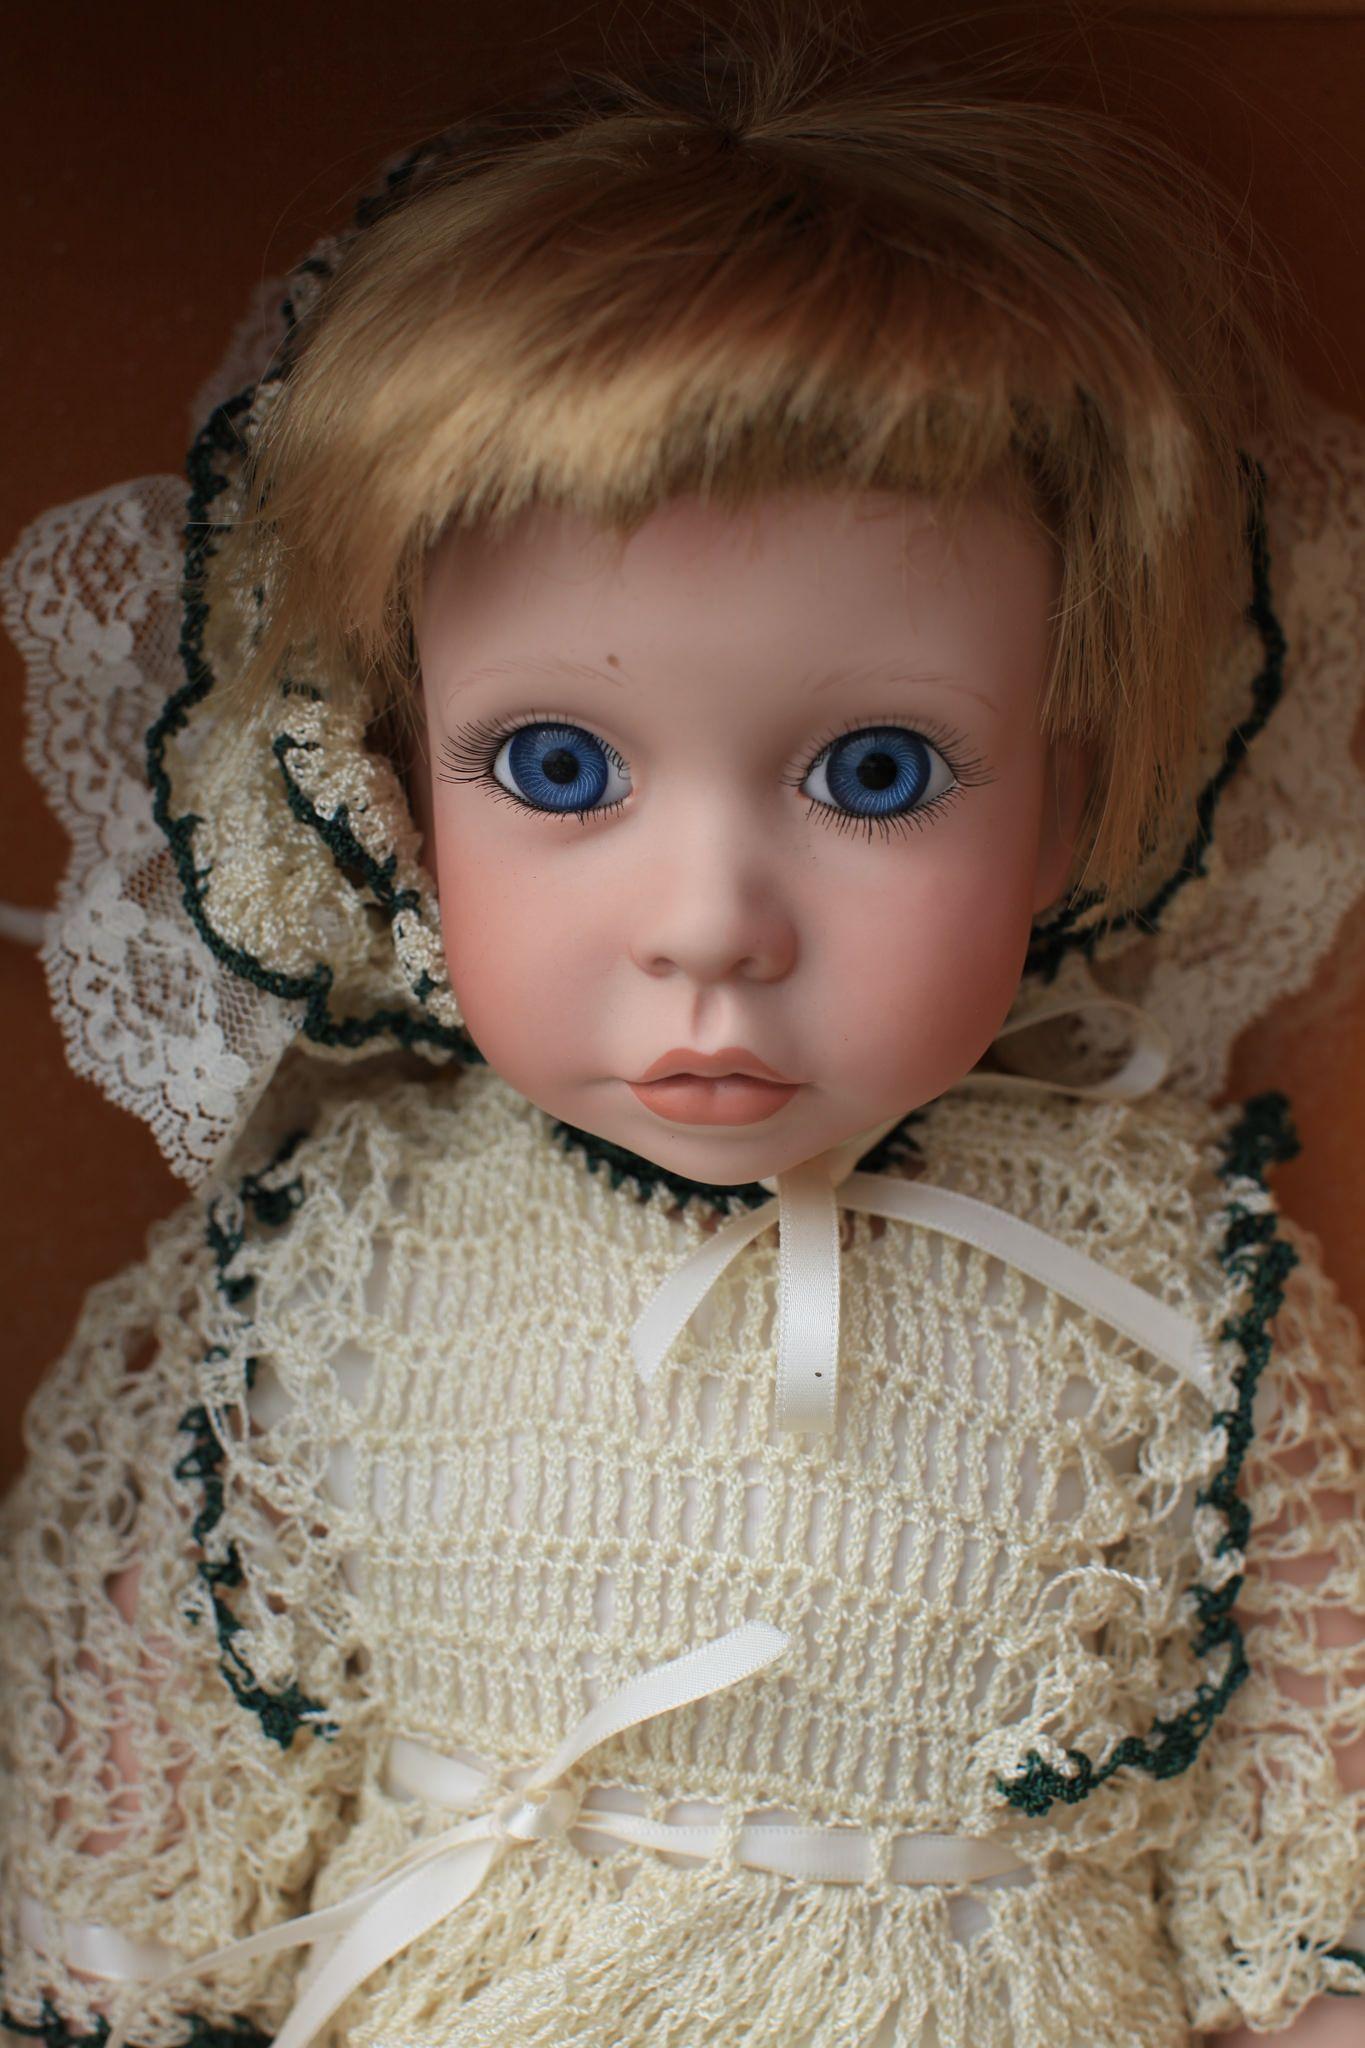 Creepy Doll With Big Blue Eyes - https://www.tomslatin.com/creepy-doll-with-big-blue-eyes/